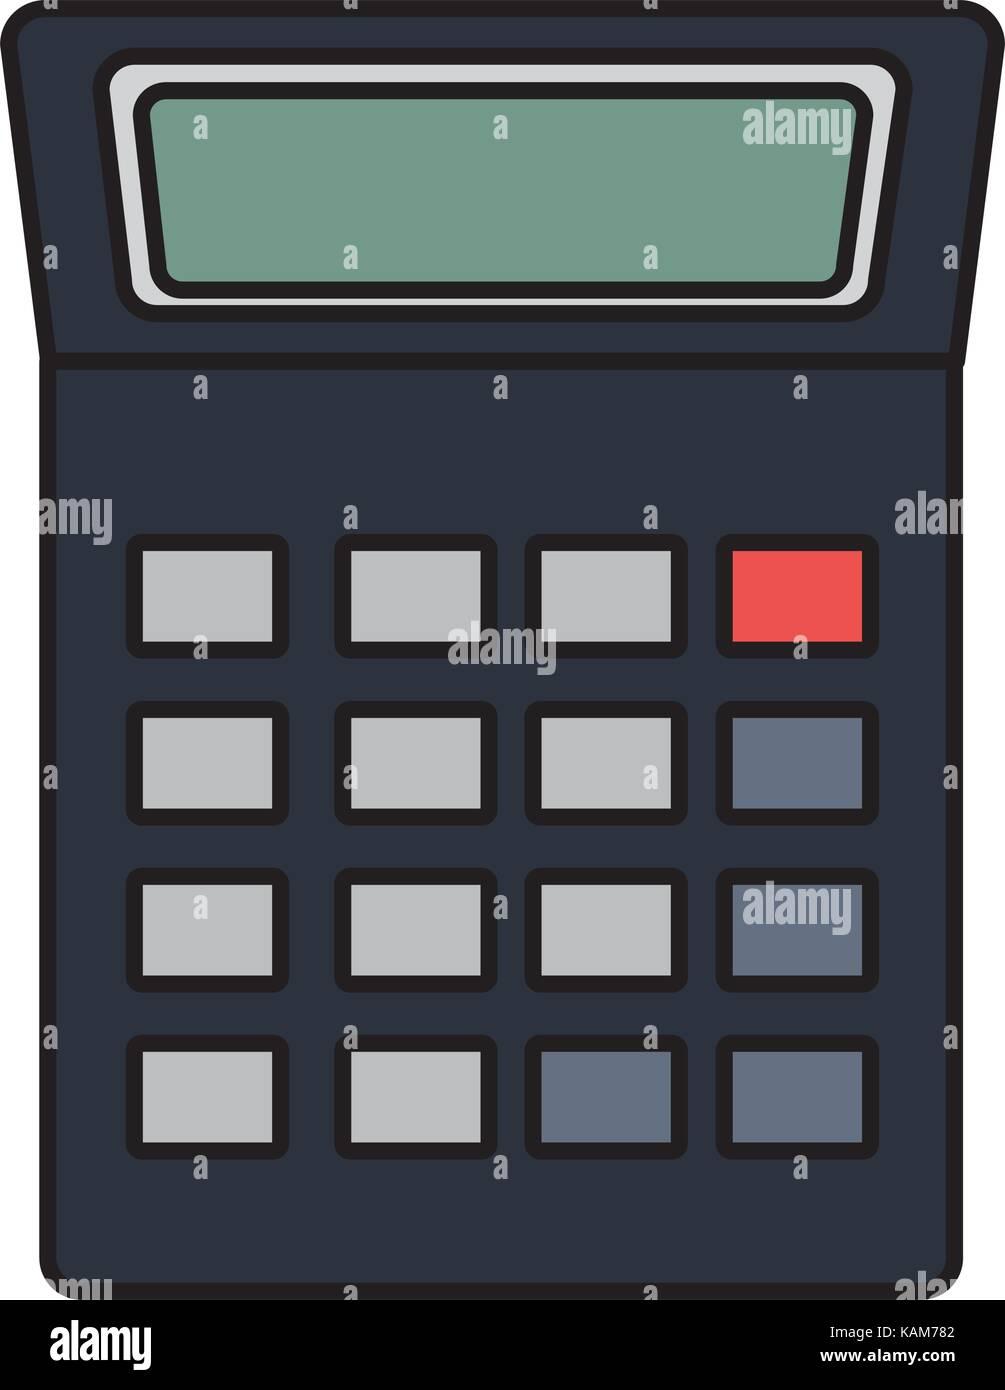 Ausgezeichnet Rechner Math Ideen - Übungen Mathe - canhogemriverside ...